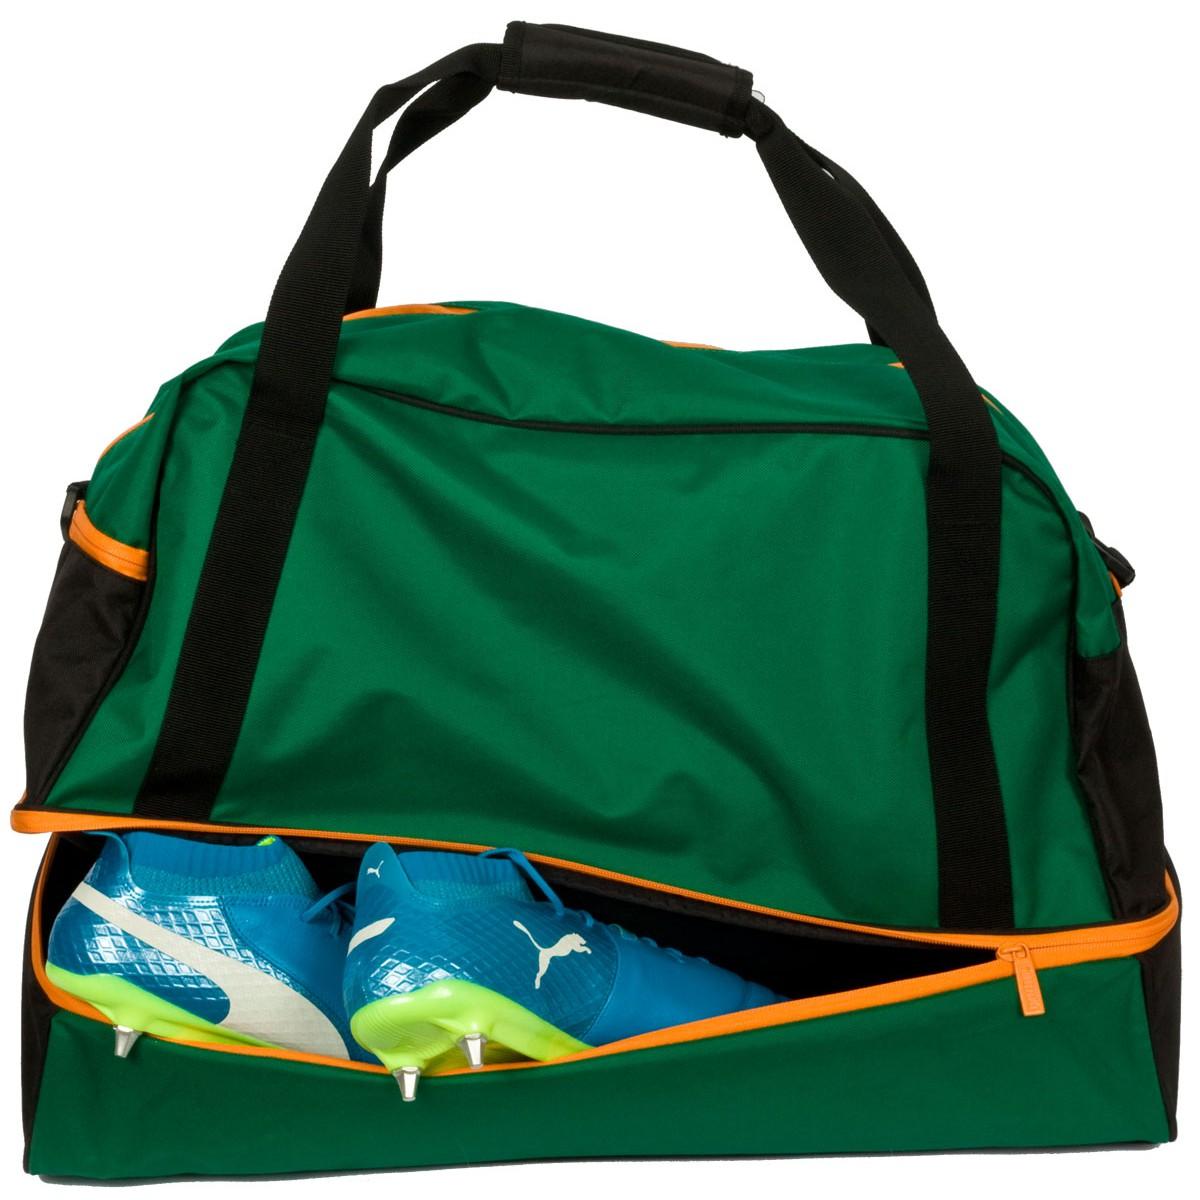 dbaea3995c7a4 ... Torba Sportowa Puma Nat. Teams Fotball 065207-14 ...